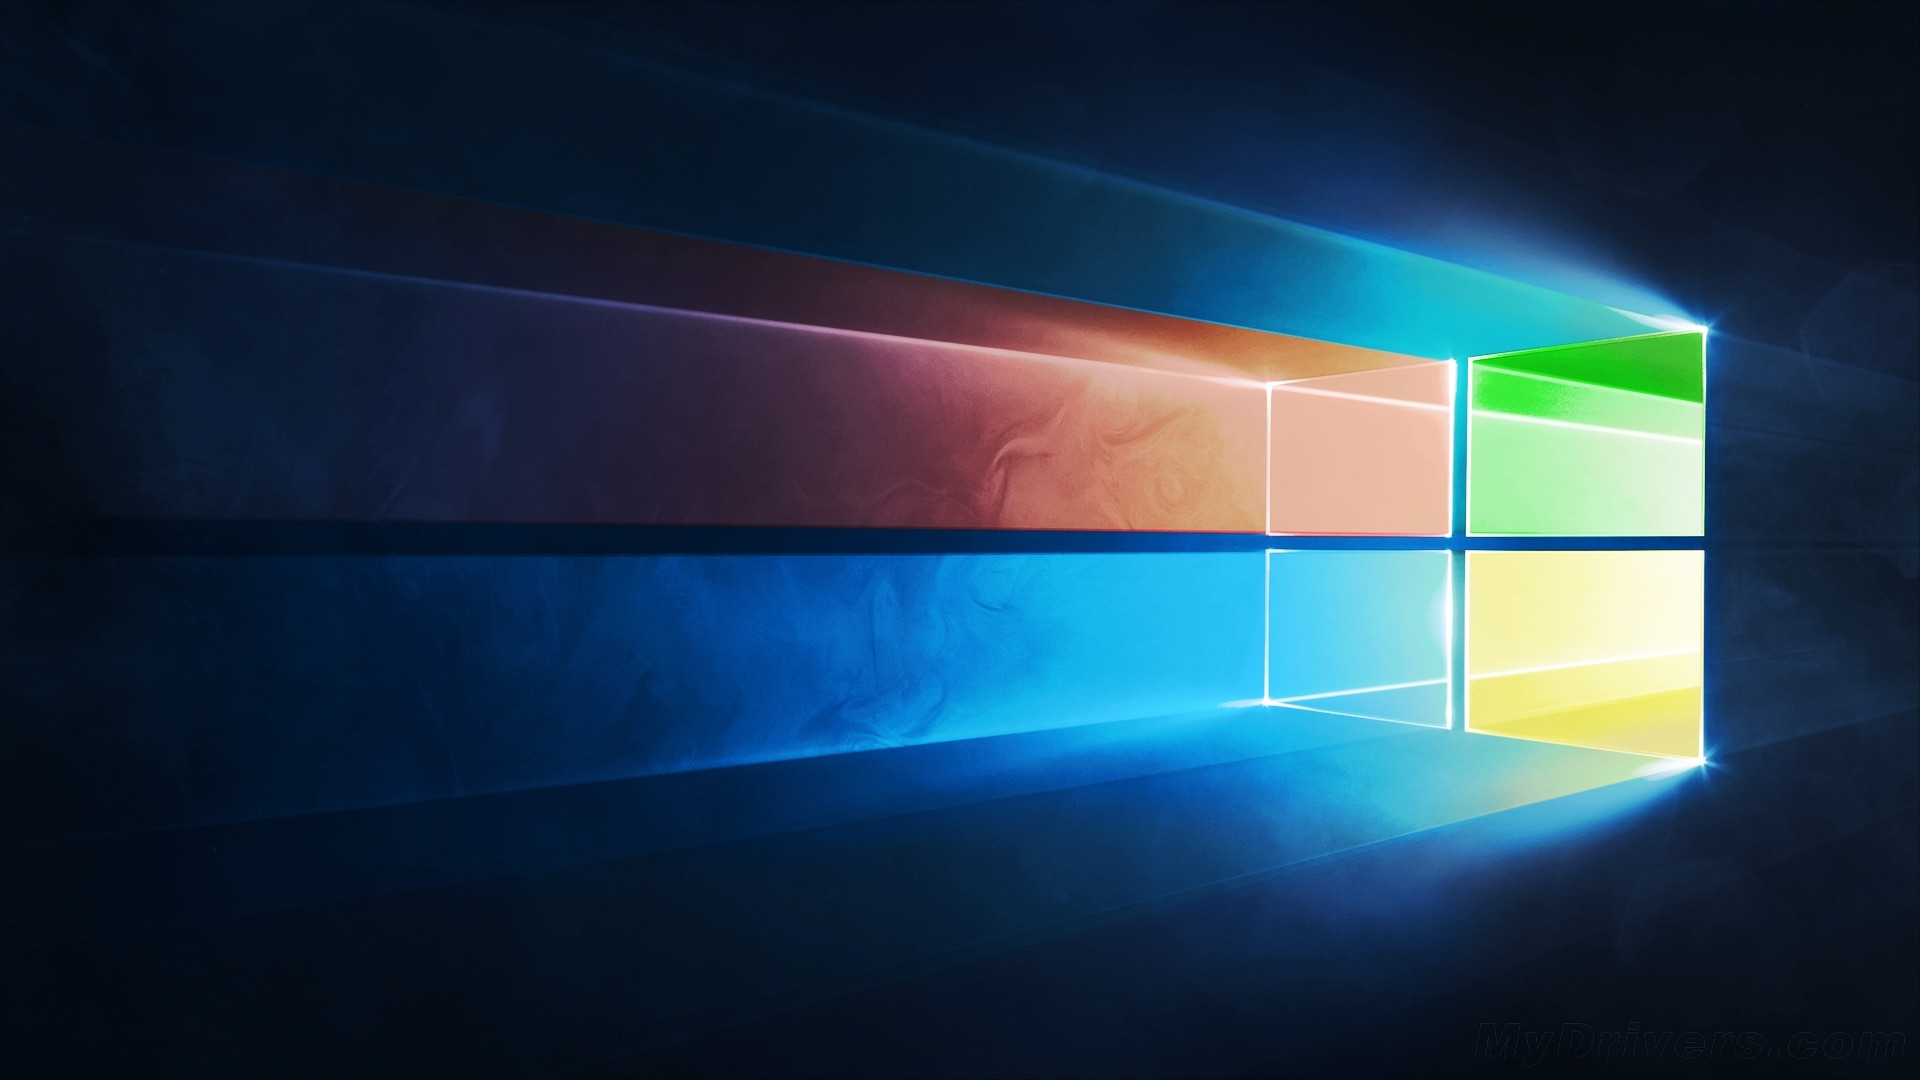 使用windows+IIS的环境下以Fastcgi方式配置php5.3.3方法的详解